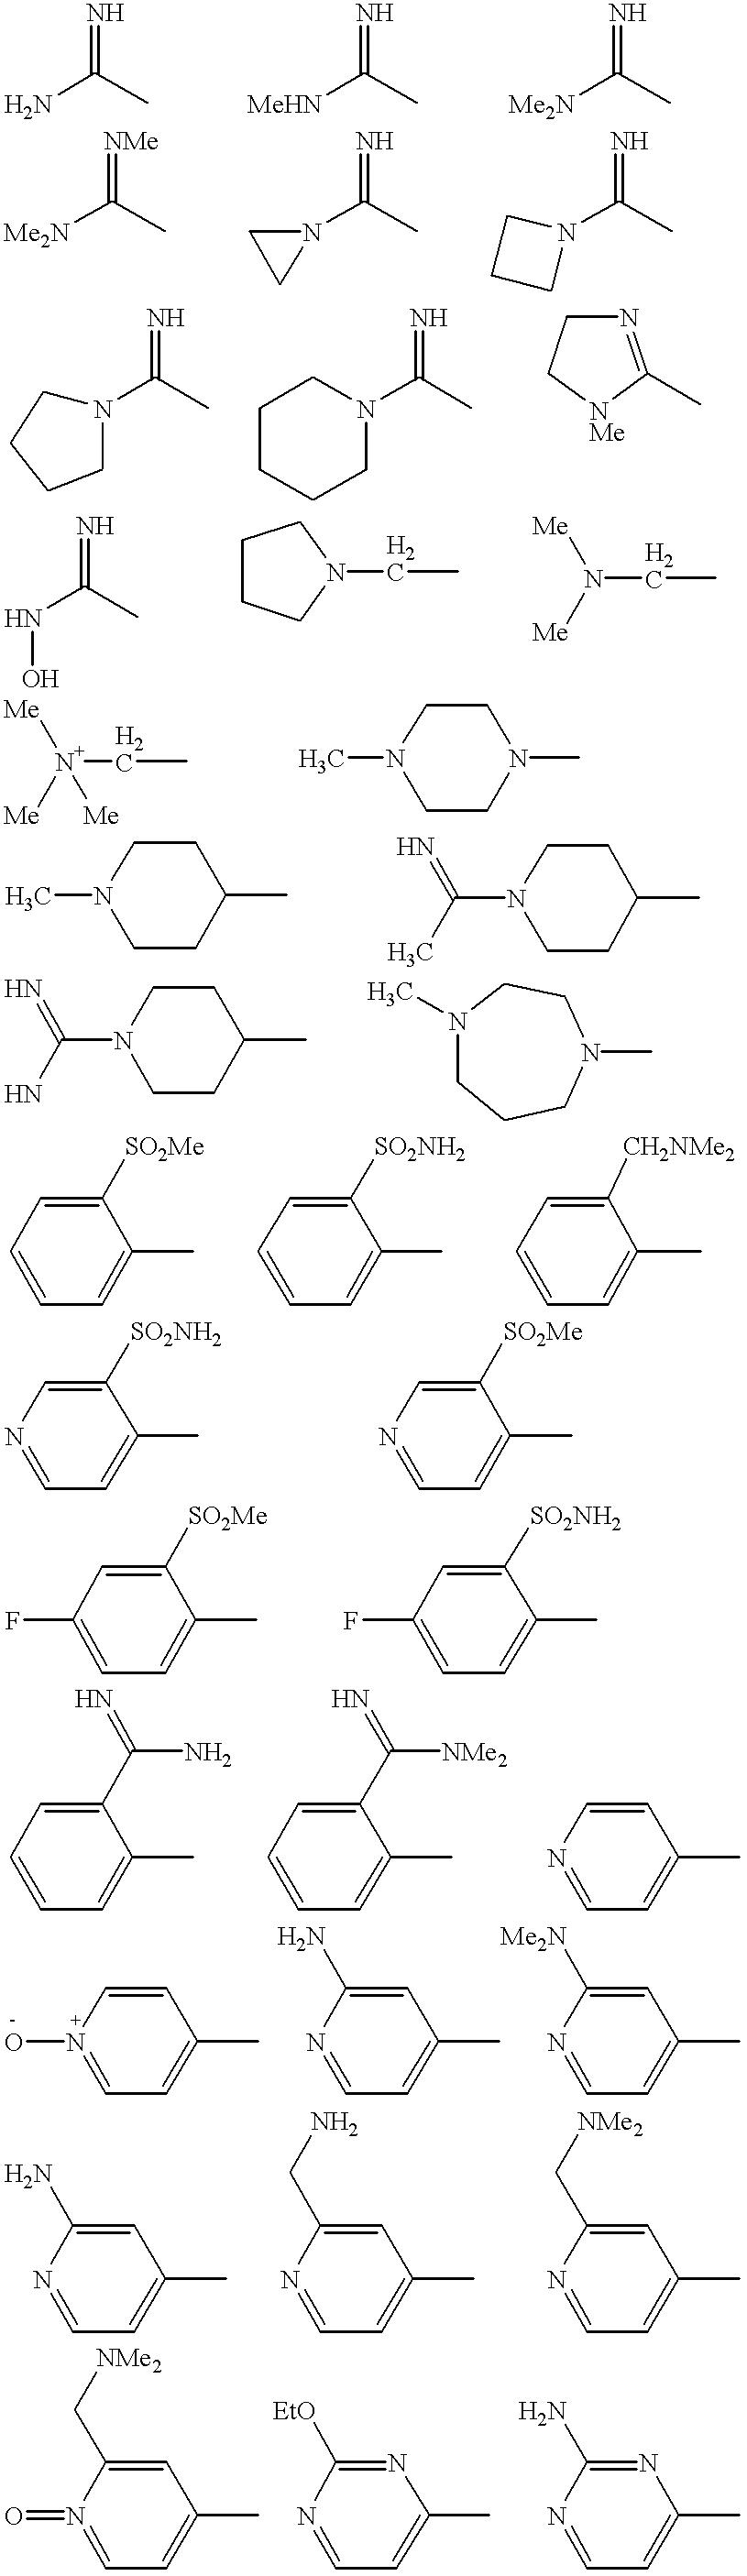 Figure US06376515-20020423-C00111